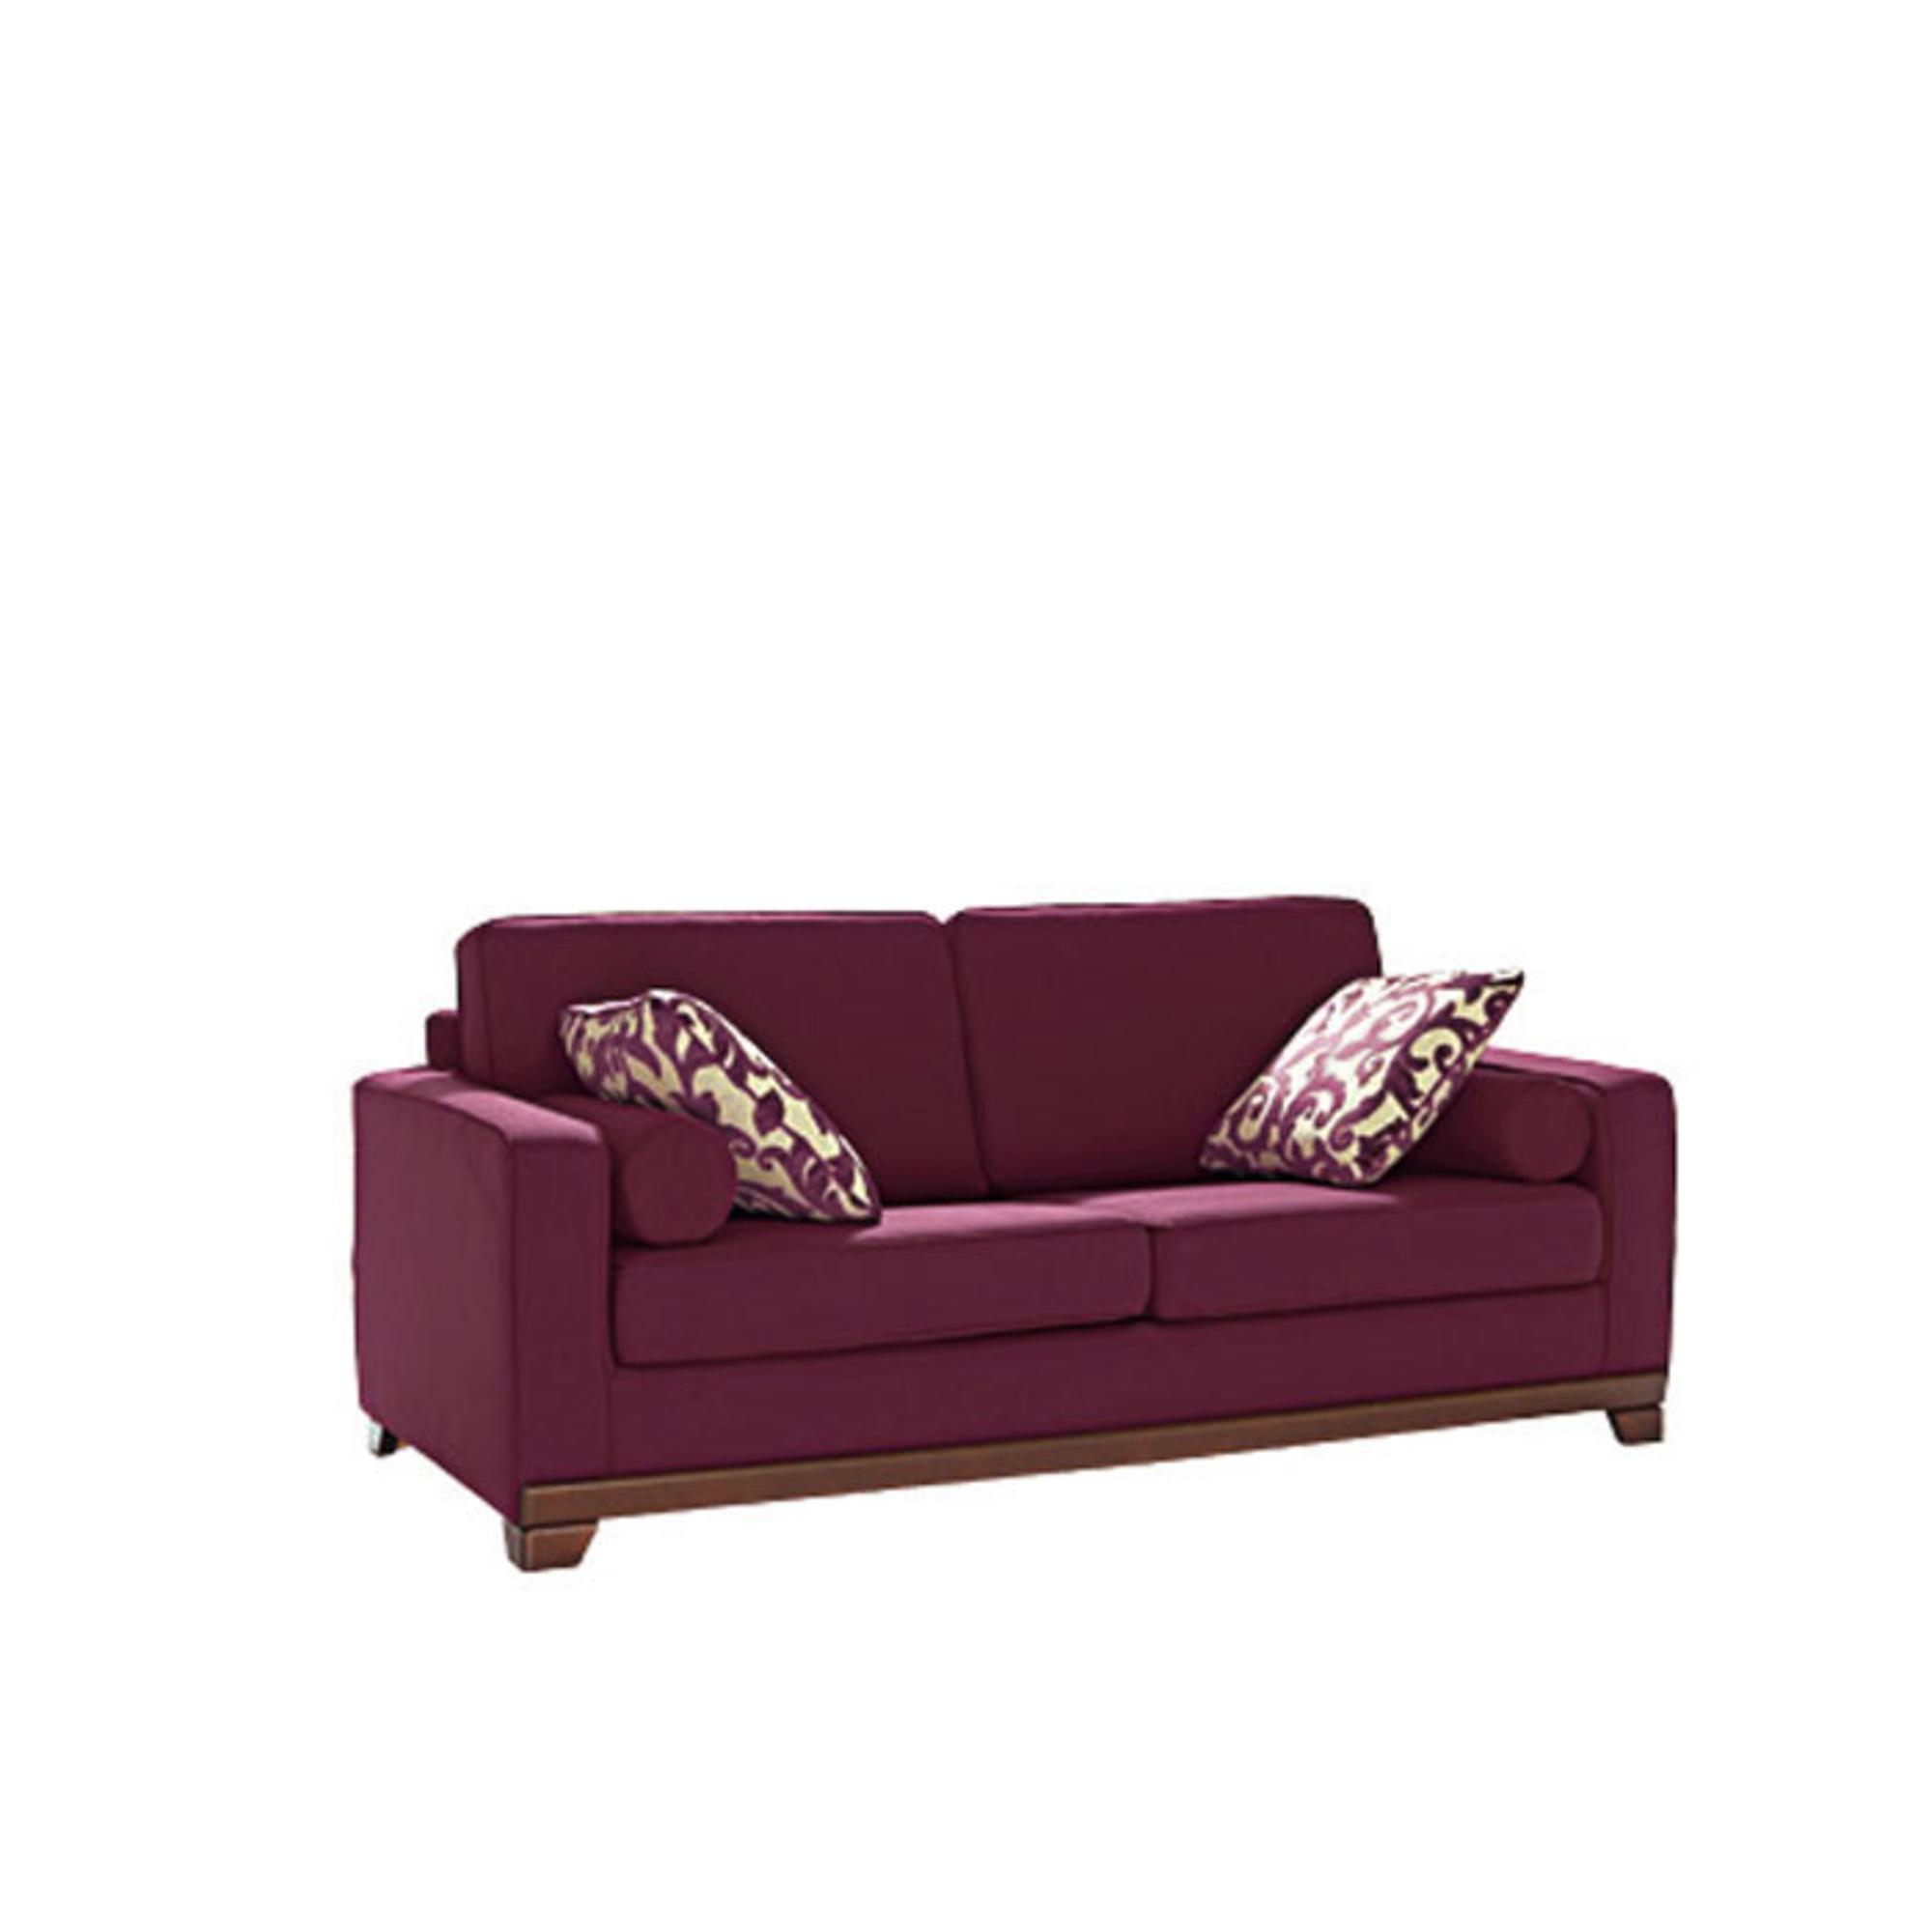 canap 2 places fixe neuilly aubergine anniversaire 40 ans acheter ce produit au meilleur. Black Bedroom Furniture Sets. Home Design Ideas